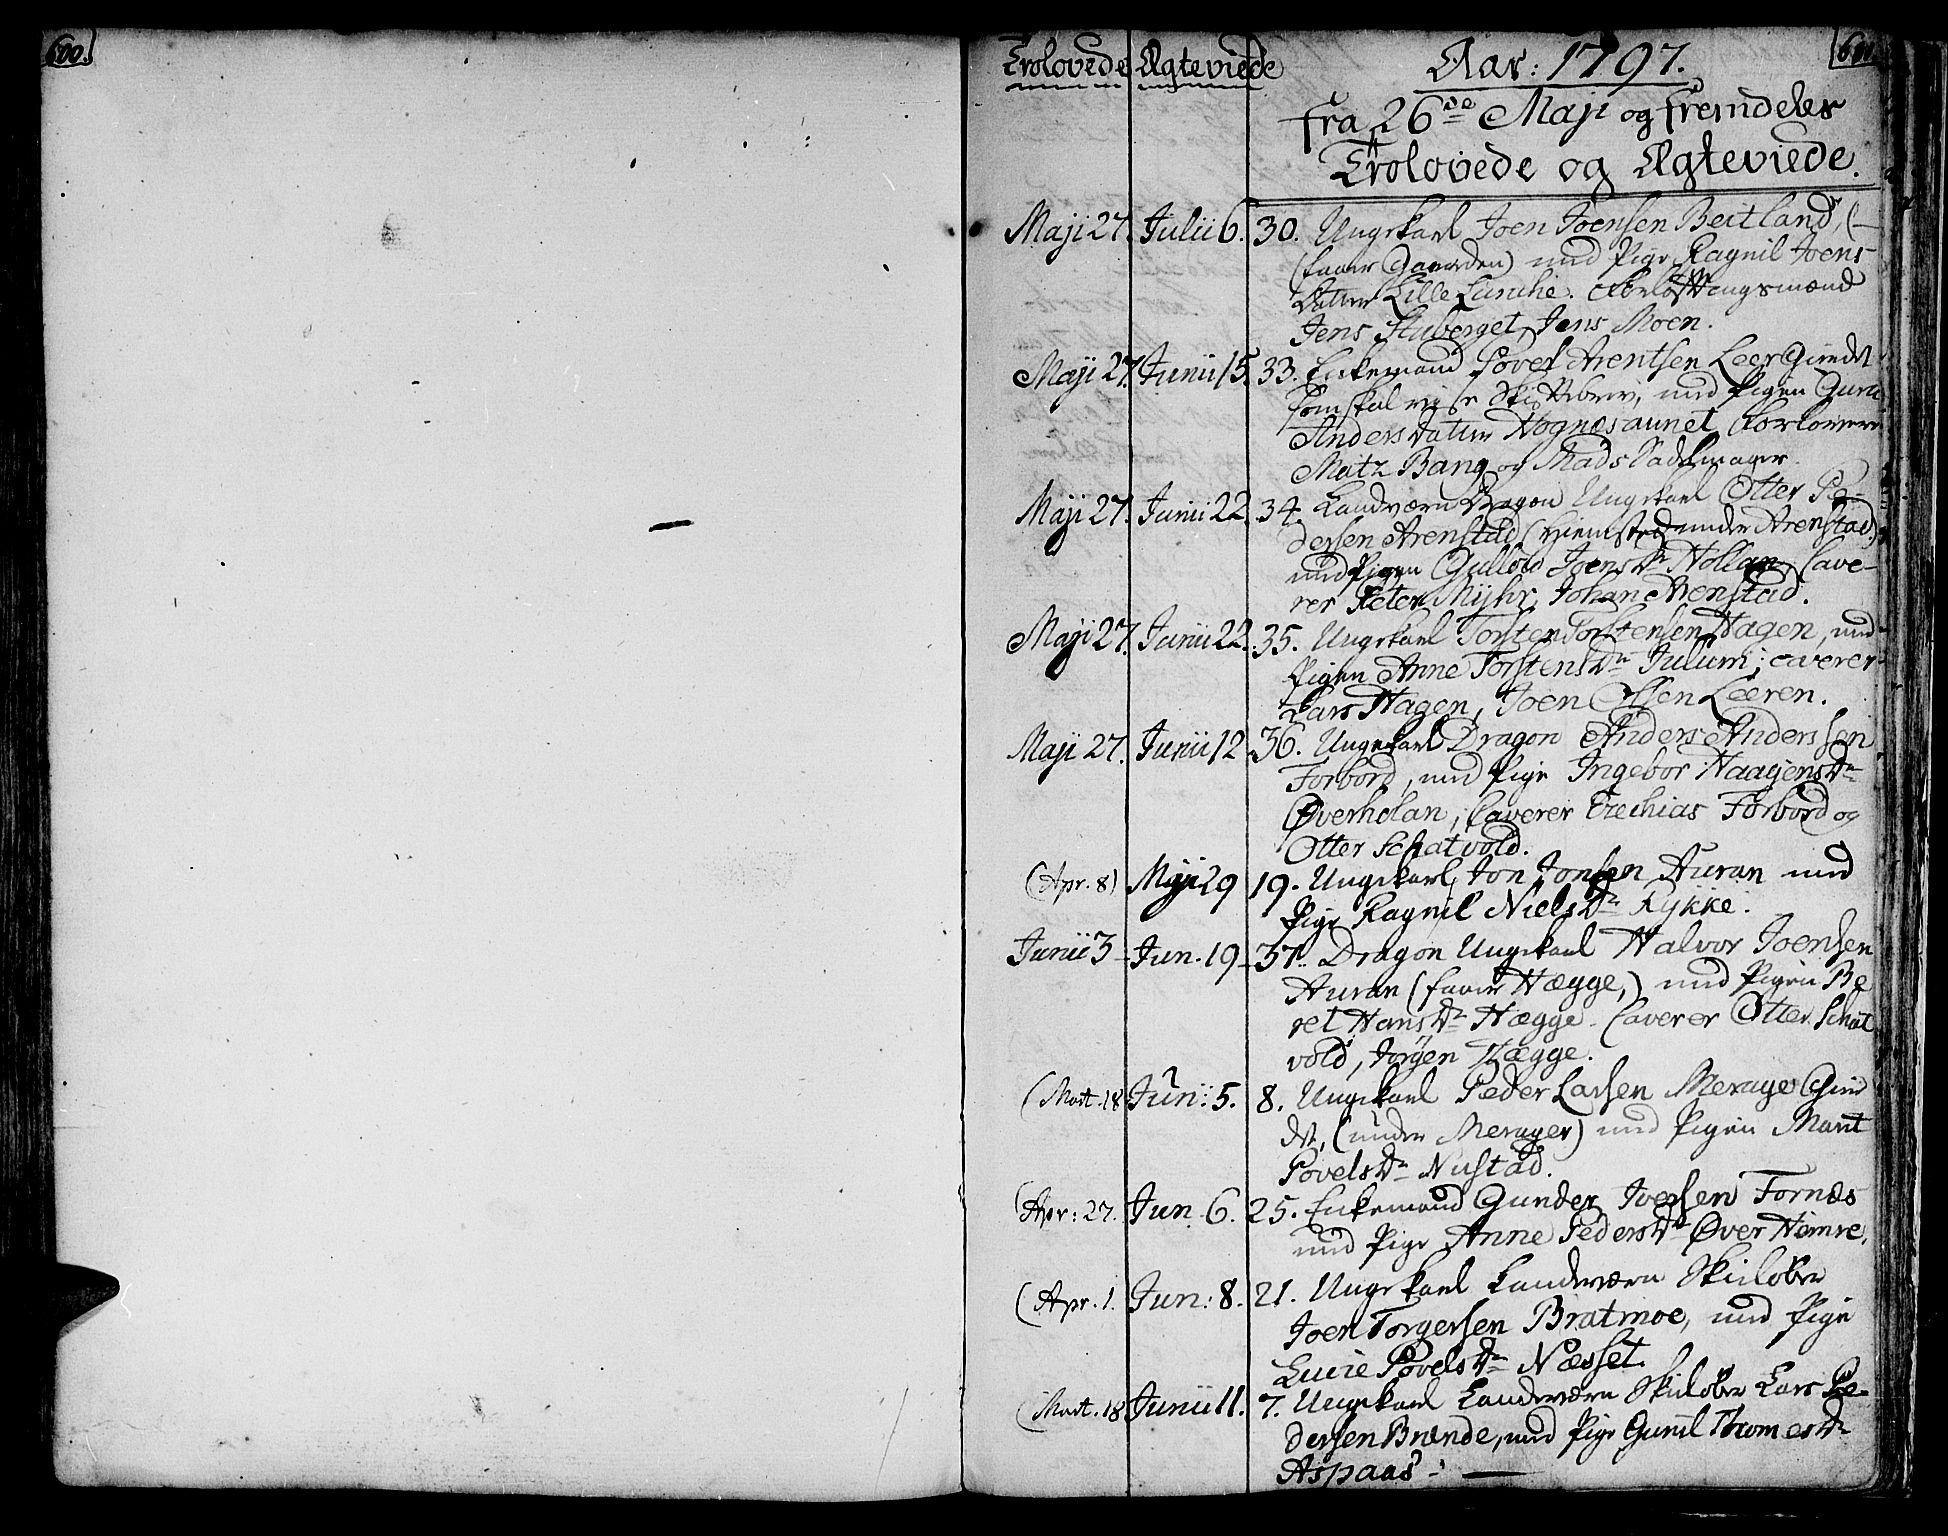 SAT, Ministerialprotokoller, klokkerbøker og fødselsregistre - Nord-Trøndelag, 709/L0060: Ministerialbok nr. 709A07, 1797-1815, s. 600-601